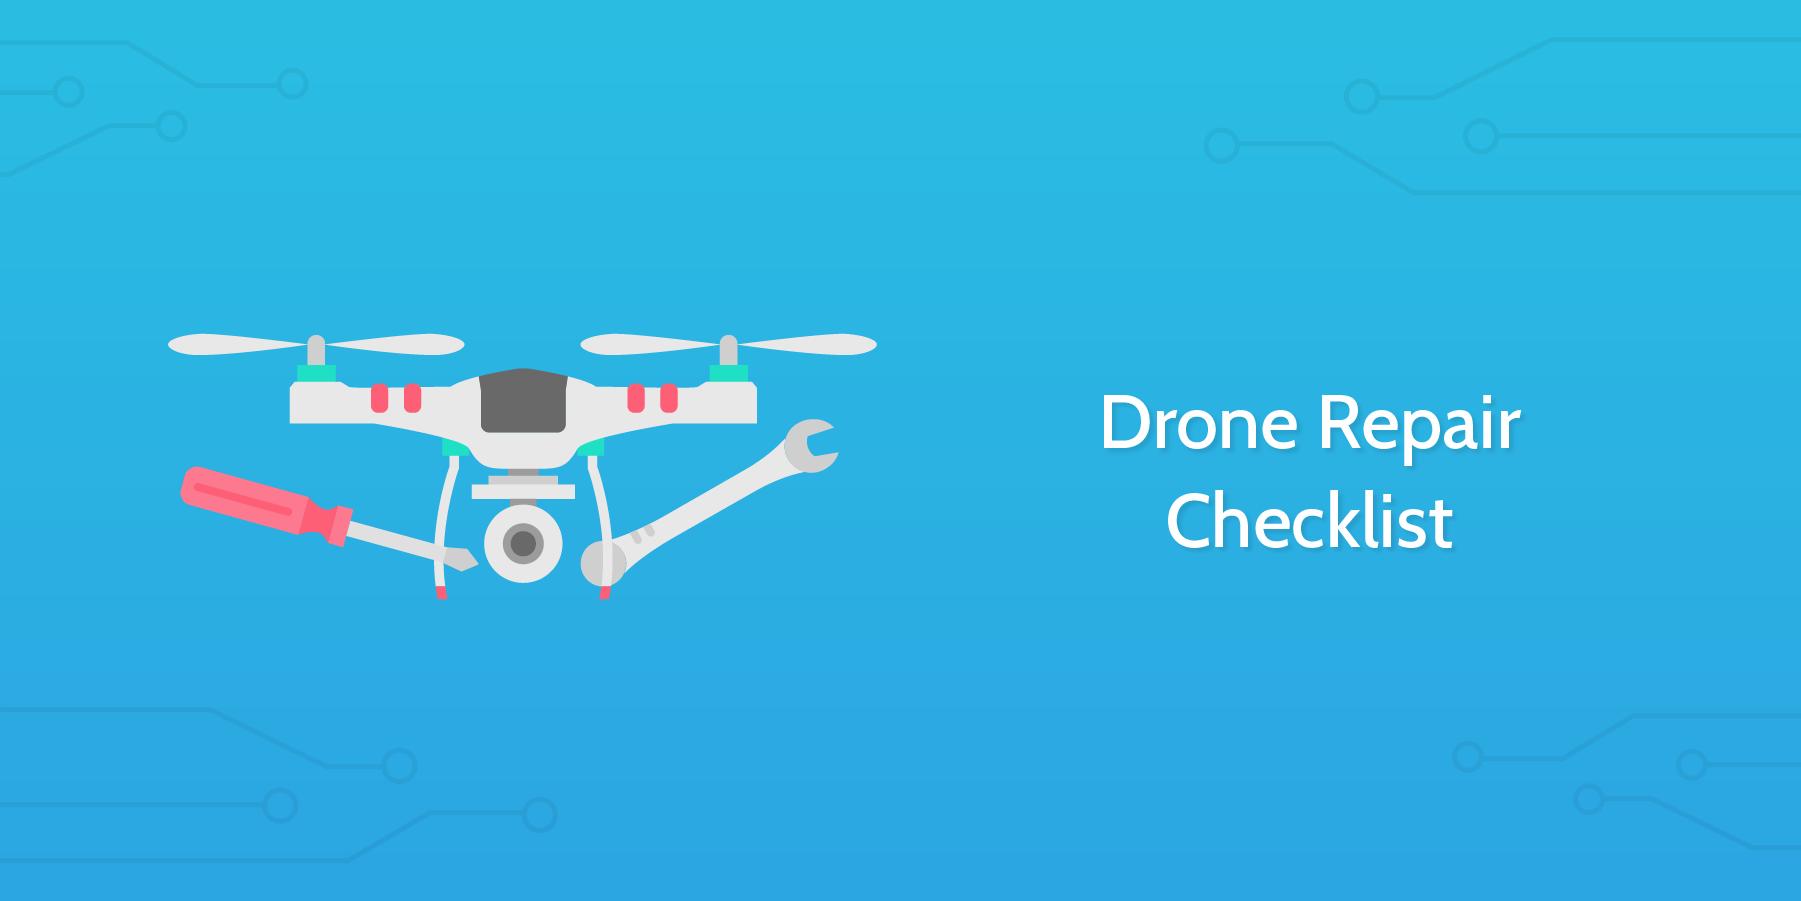 Drone Repair Checklist